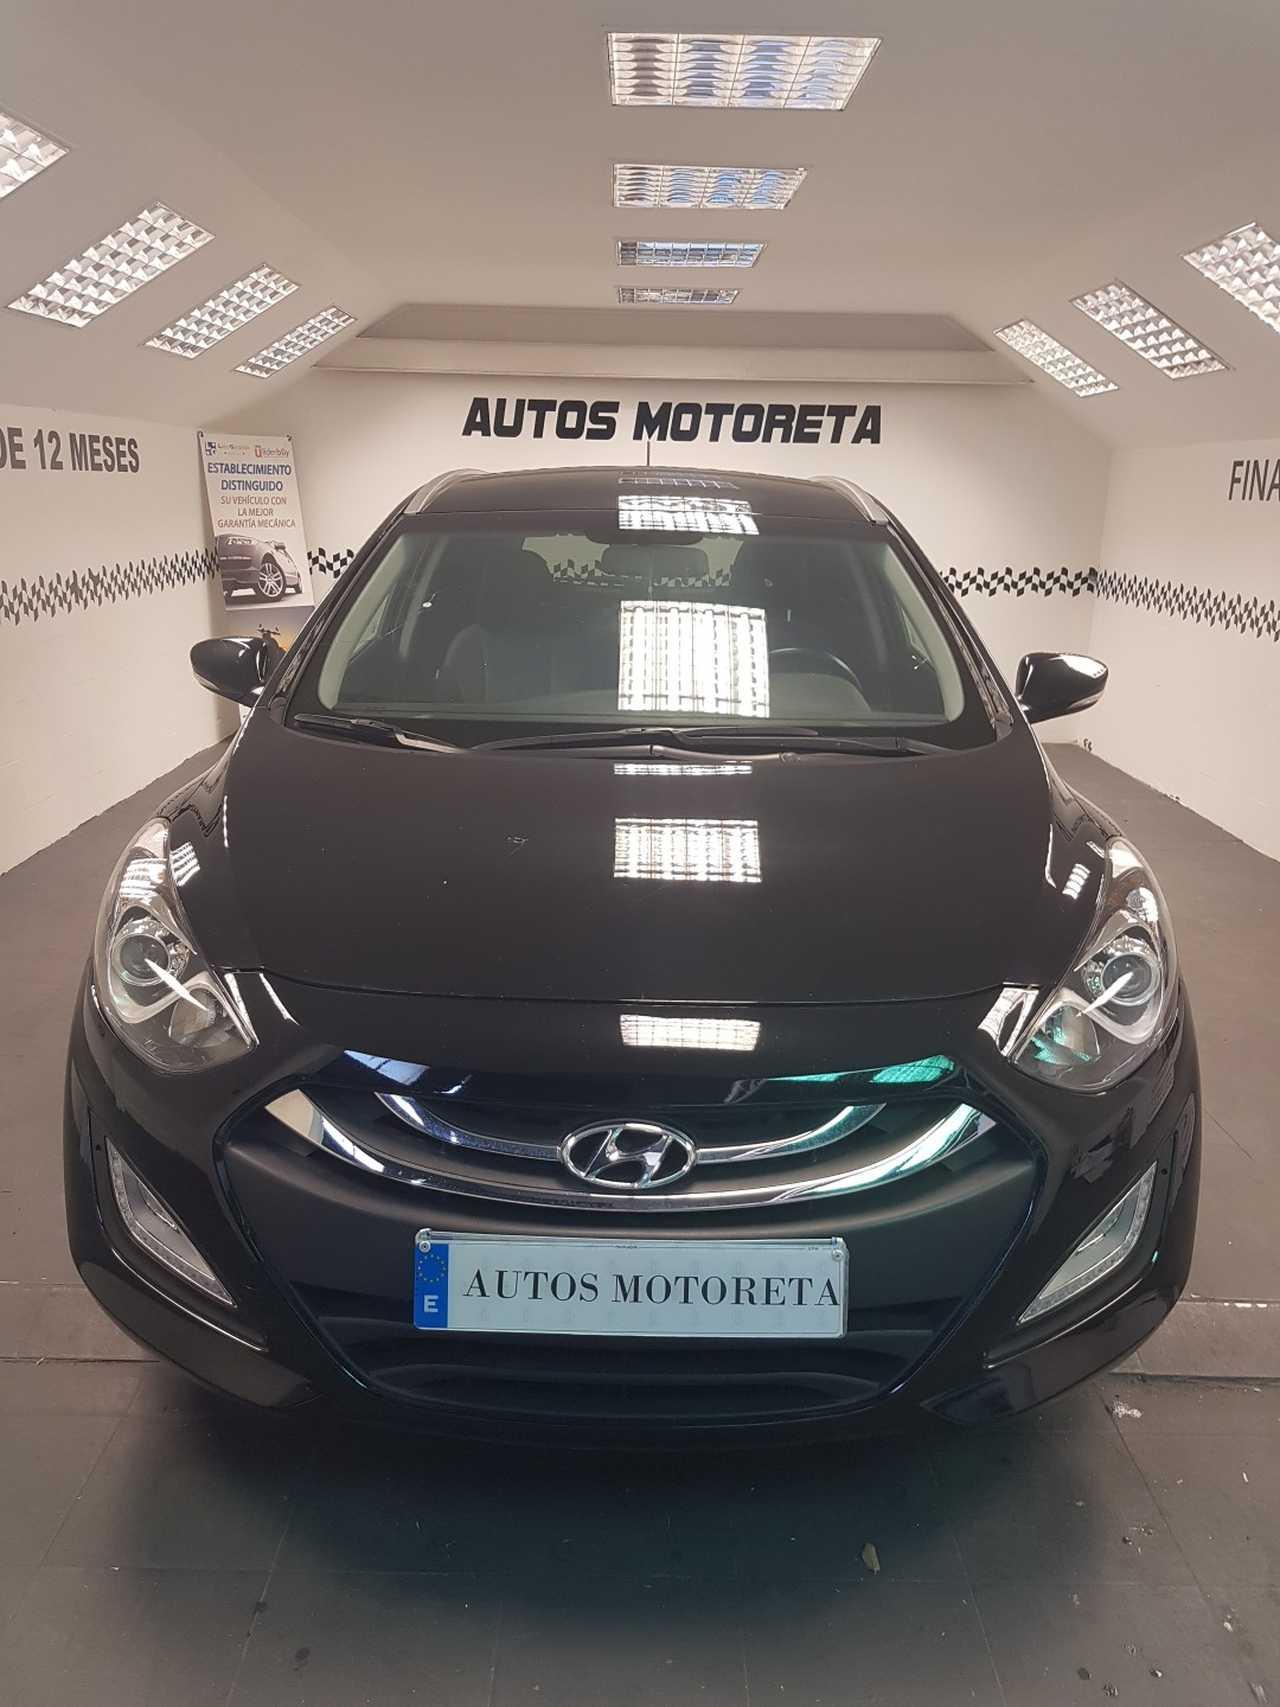 Hyundai i30 CW 1.6CRDI GO BRASIL 110CV   - Foto 1